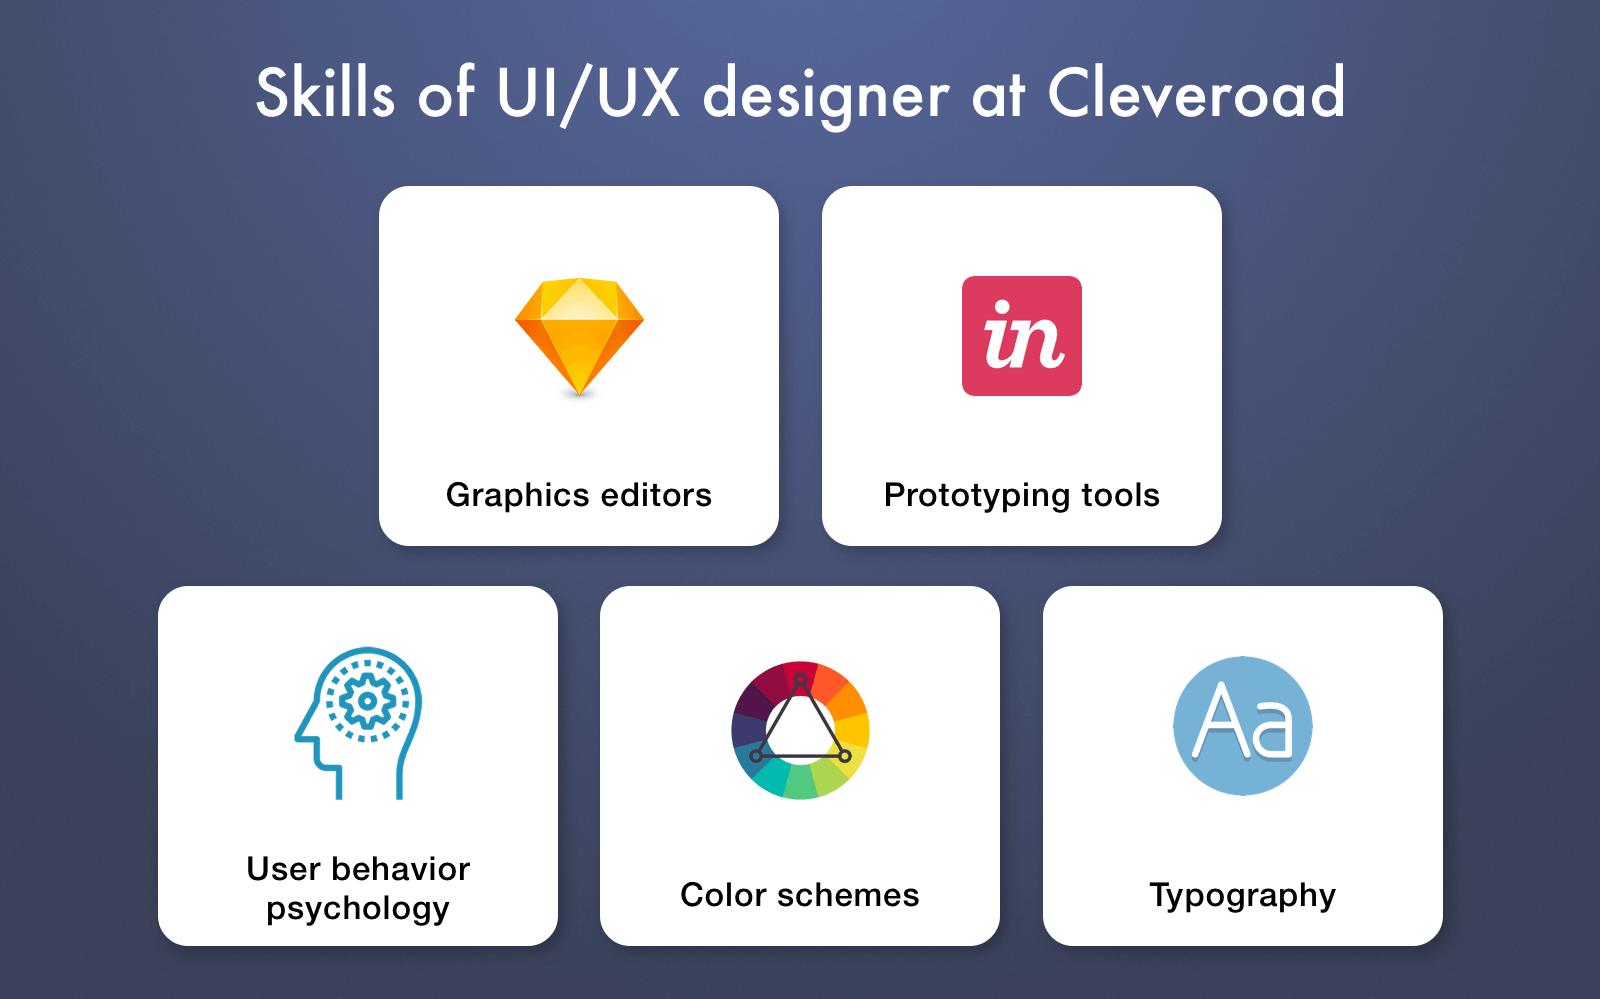 ui ux designer skills